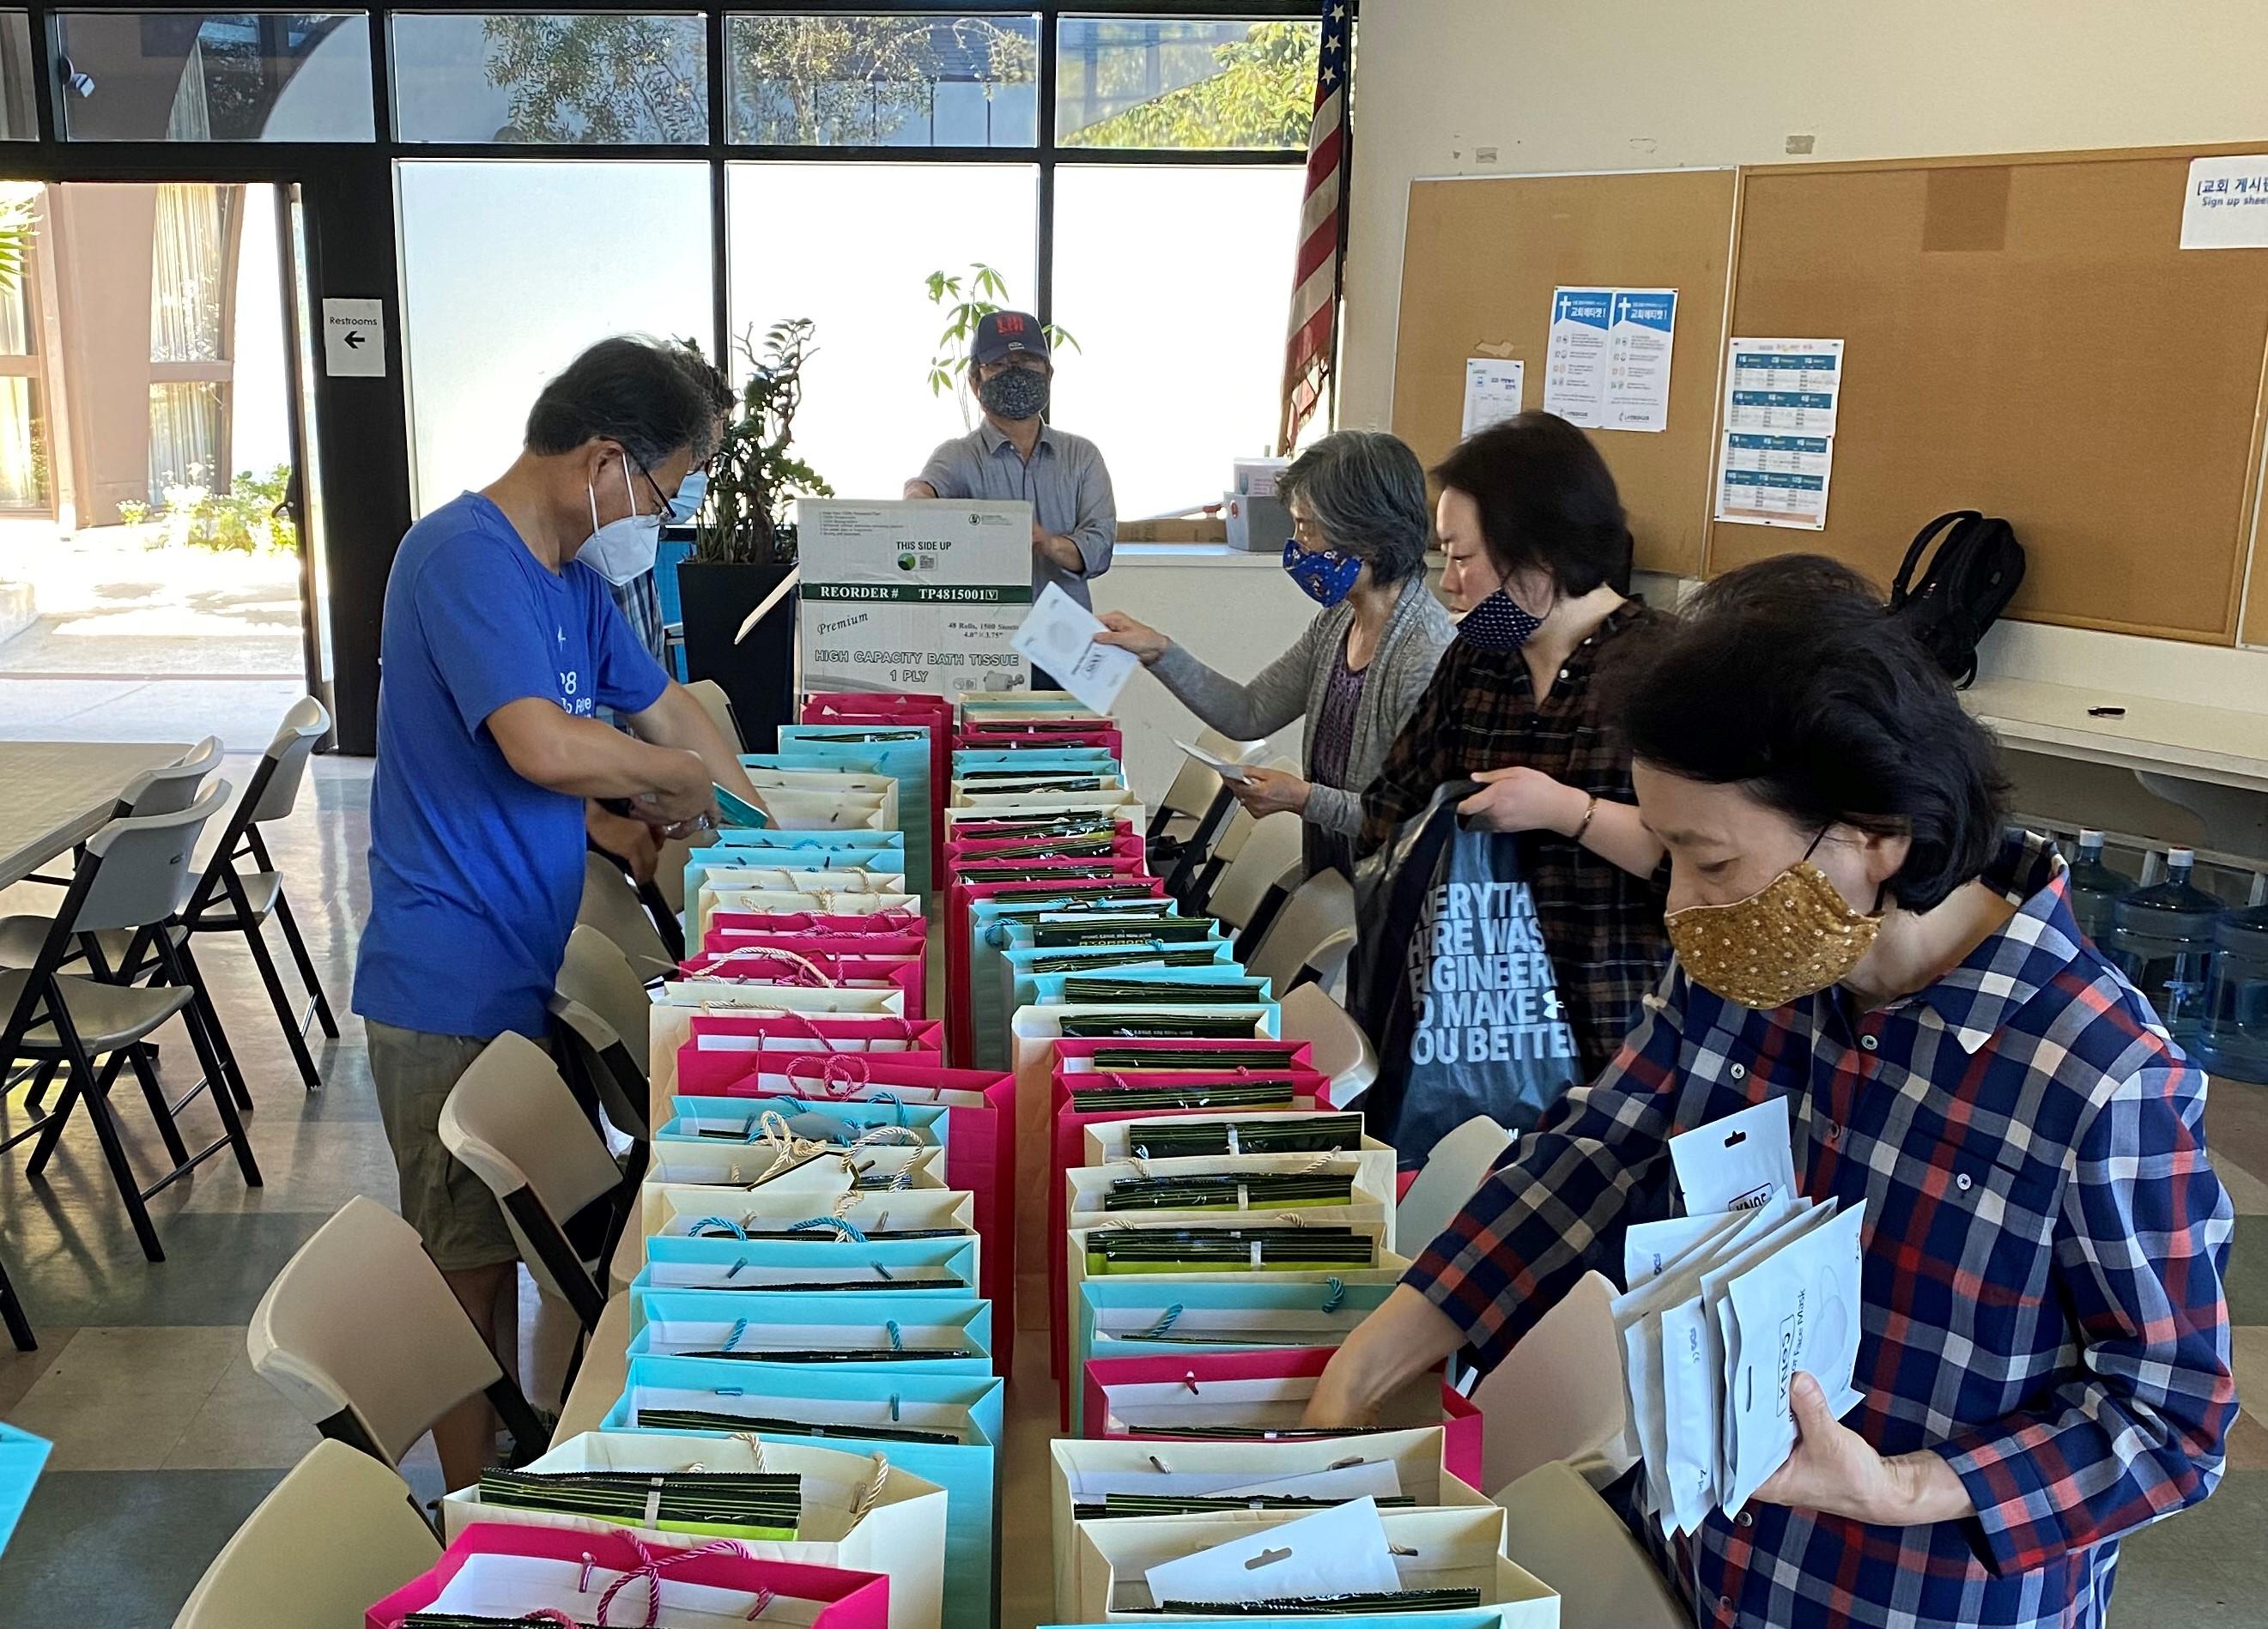 이창민 목사가 담임하는 LA연합감리교회의 교인들이 친교실에 모여 선교 물품을 정리하고 있다. 사진 제공, 이창민 목사.